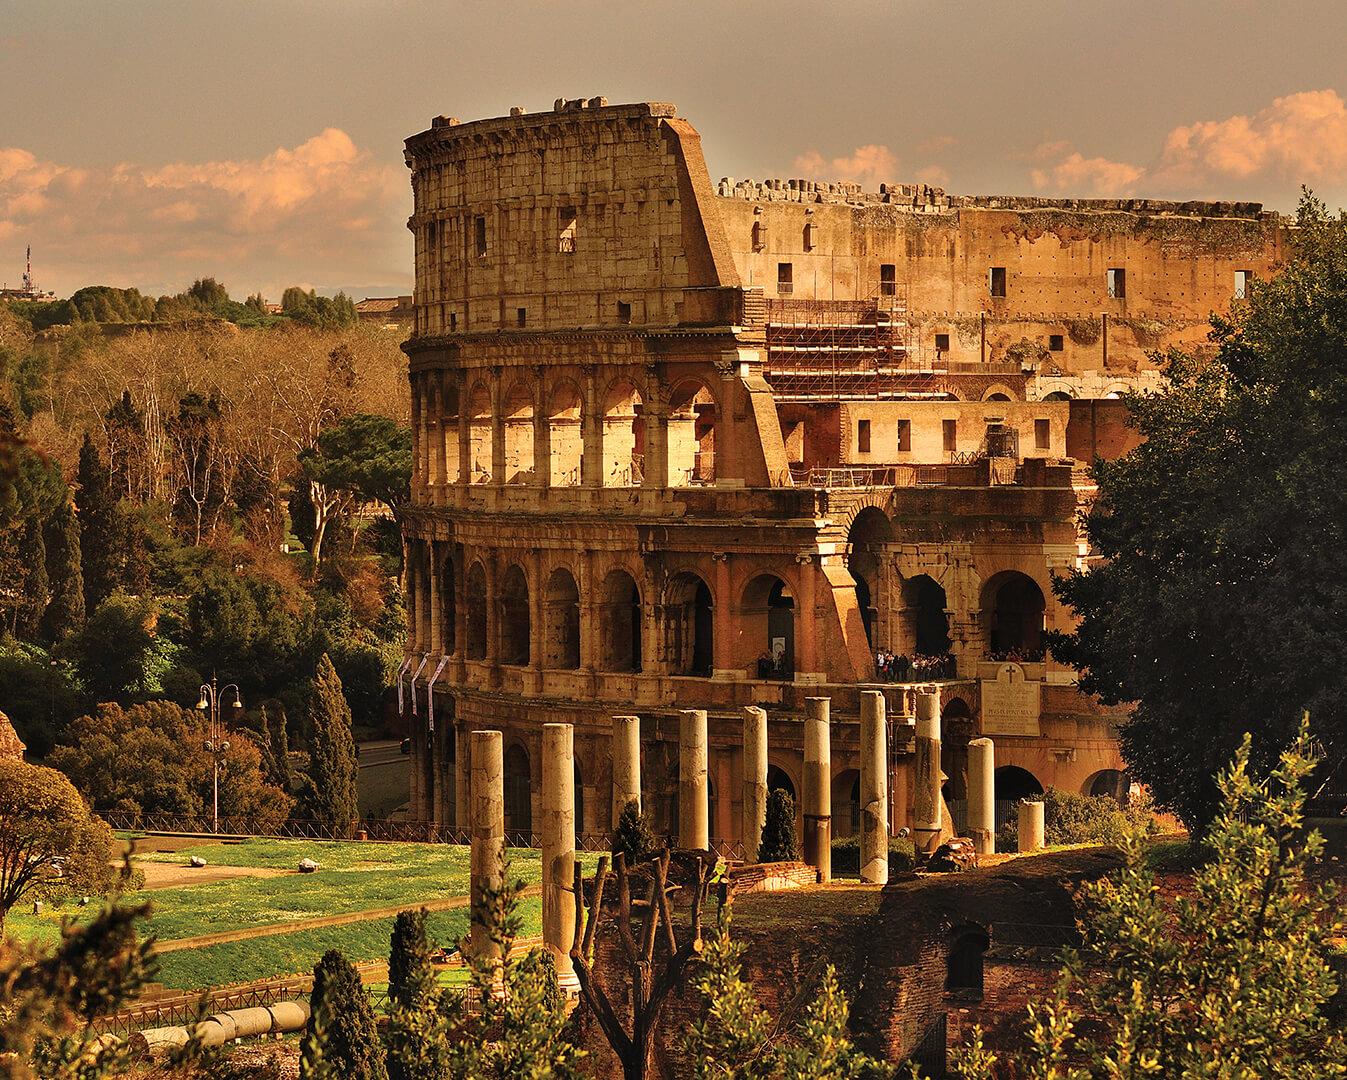 Картина на стекле Postermarket Колизей, 40 x 50 смAG 40-53Колизей (он же амфитеатр Флавия) – один из самых грандиозных сооружений времен древнего Рима. Архитектура Колизея разработана неизвестным автором, но известна дата начала его строительства – 72 г. н. э. Оставьте частичку Рима у себя в квартире.